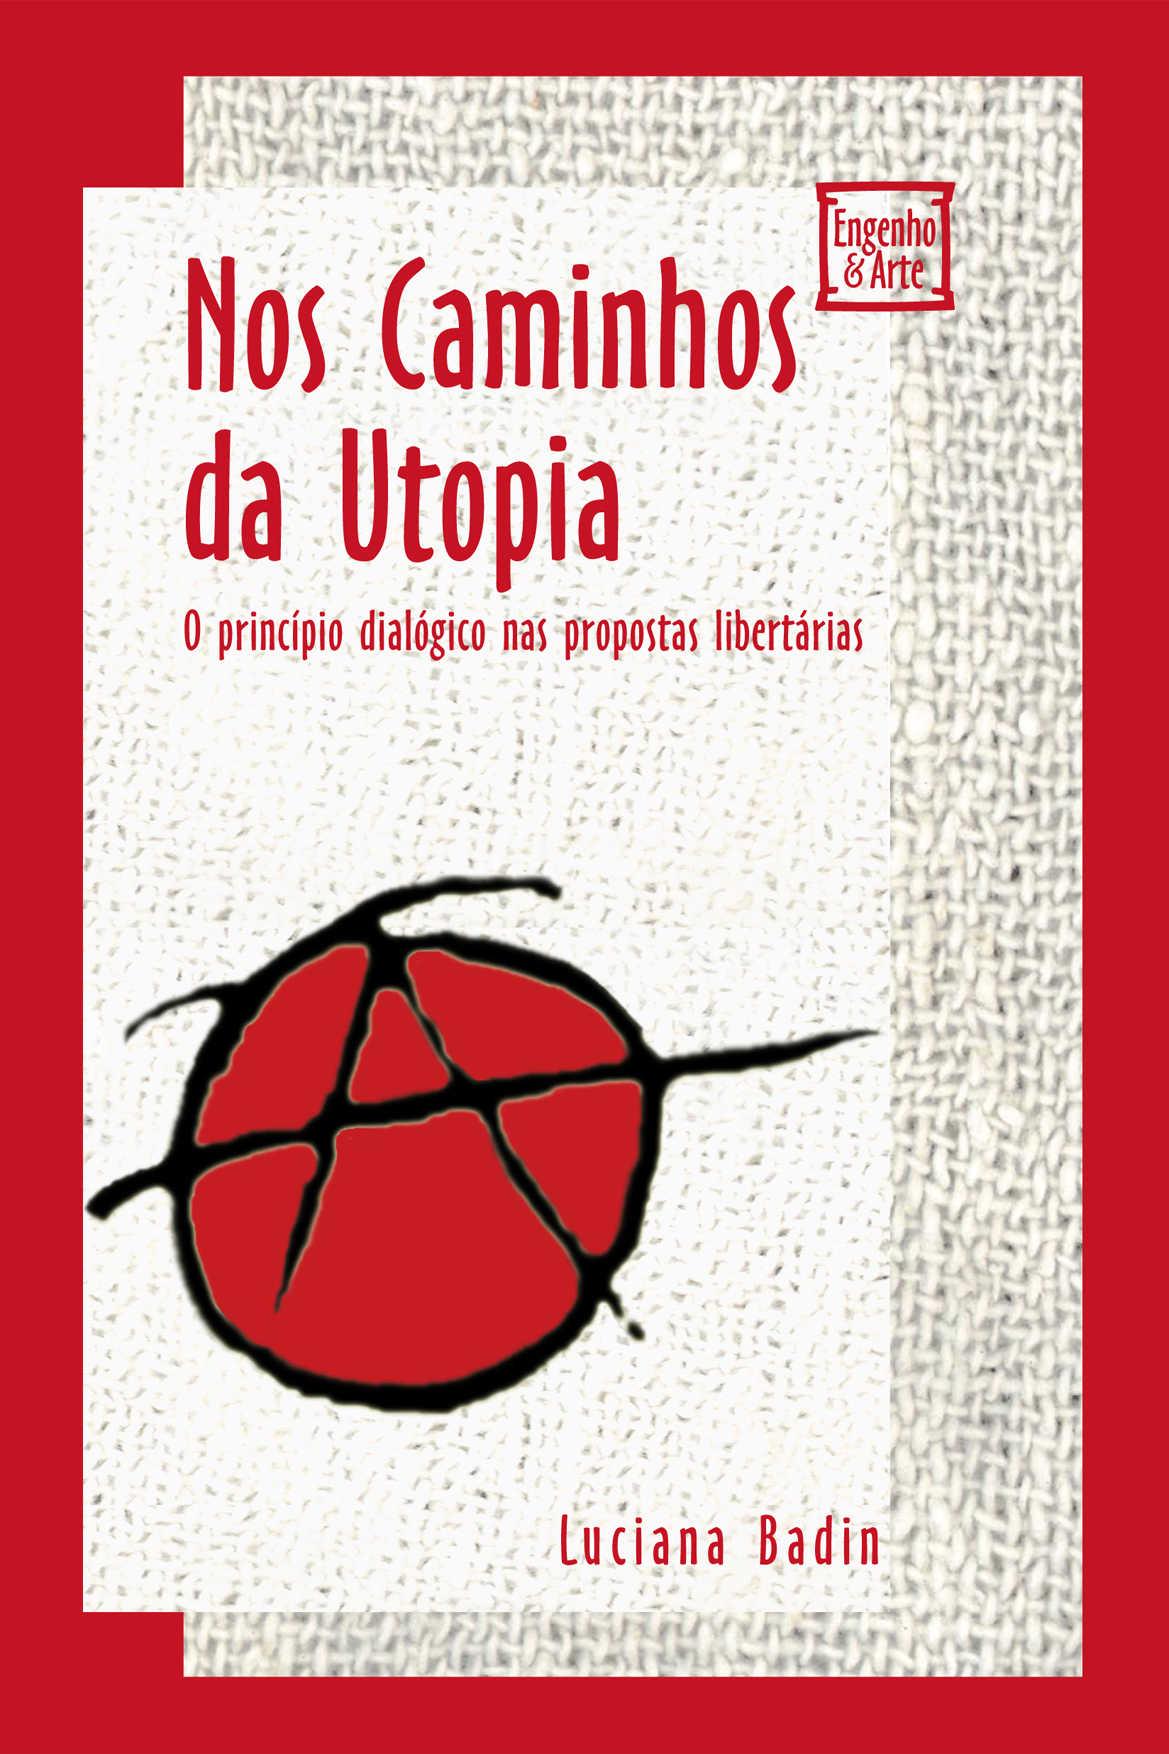 Nos Caminhos da Utopia: O princípio dialógico nas propostas libertárias